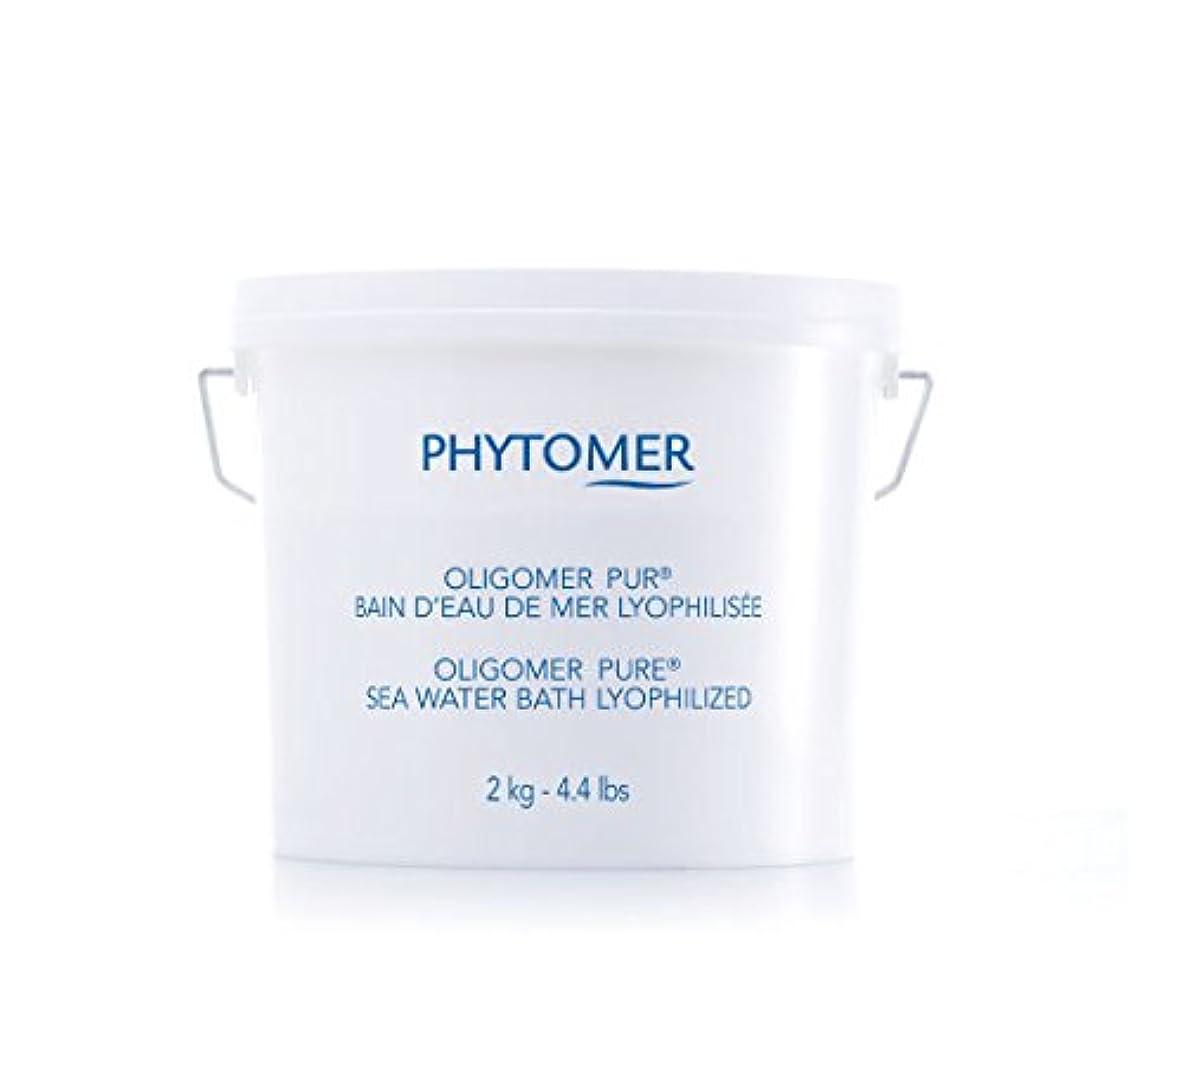 テレビ局週間臭いPHYTOMER(フィトメール) オリゴメール ピュア 2kg